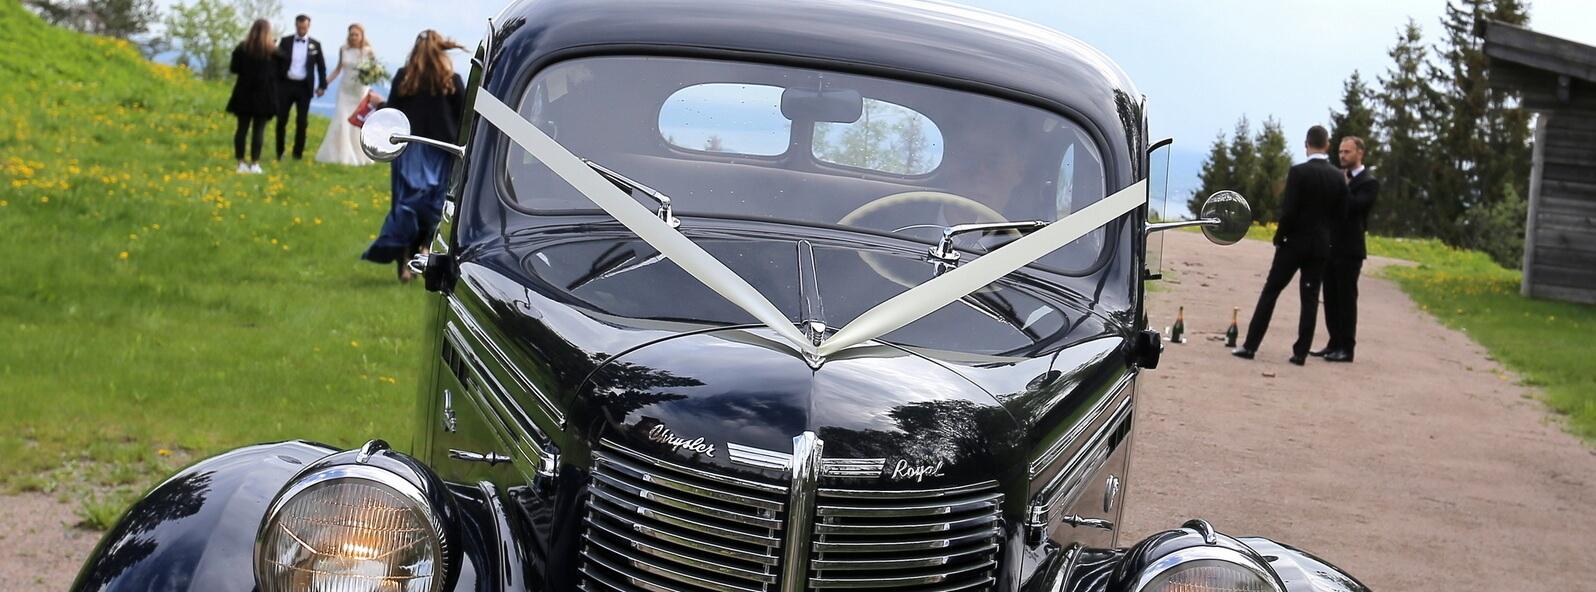 Gammel Chrysler veteranbil venter på brudeparet som tar bilder i bakgrunnen